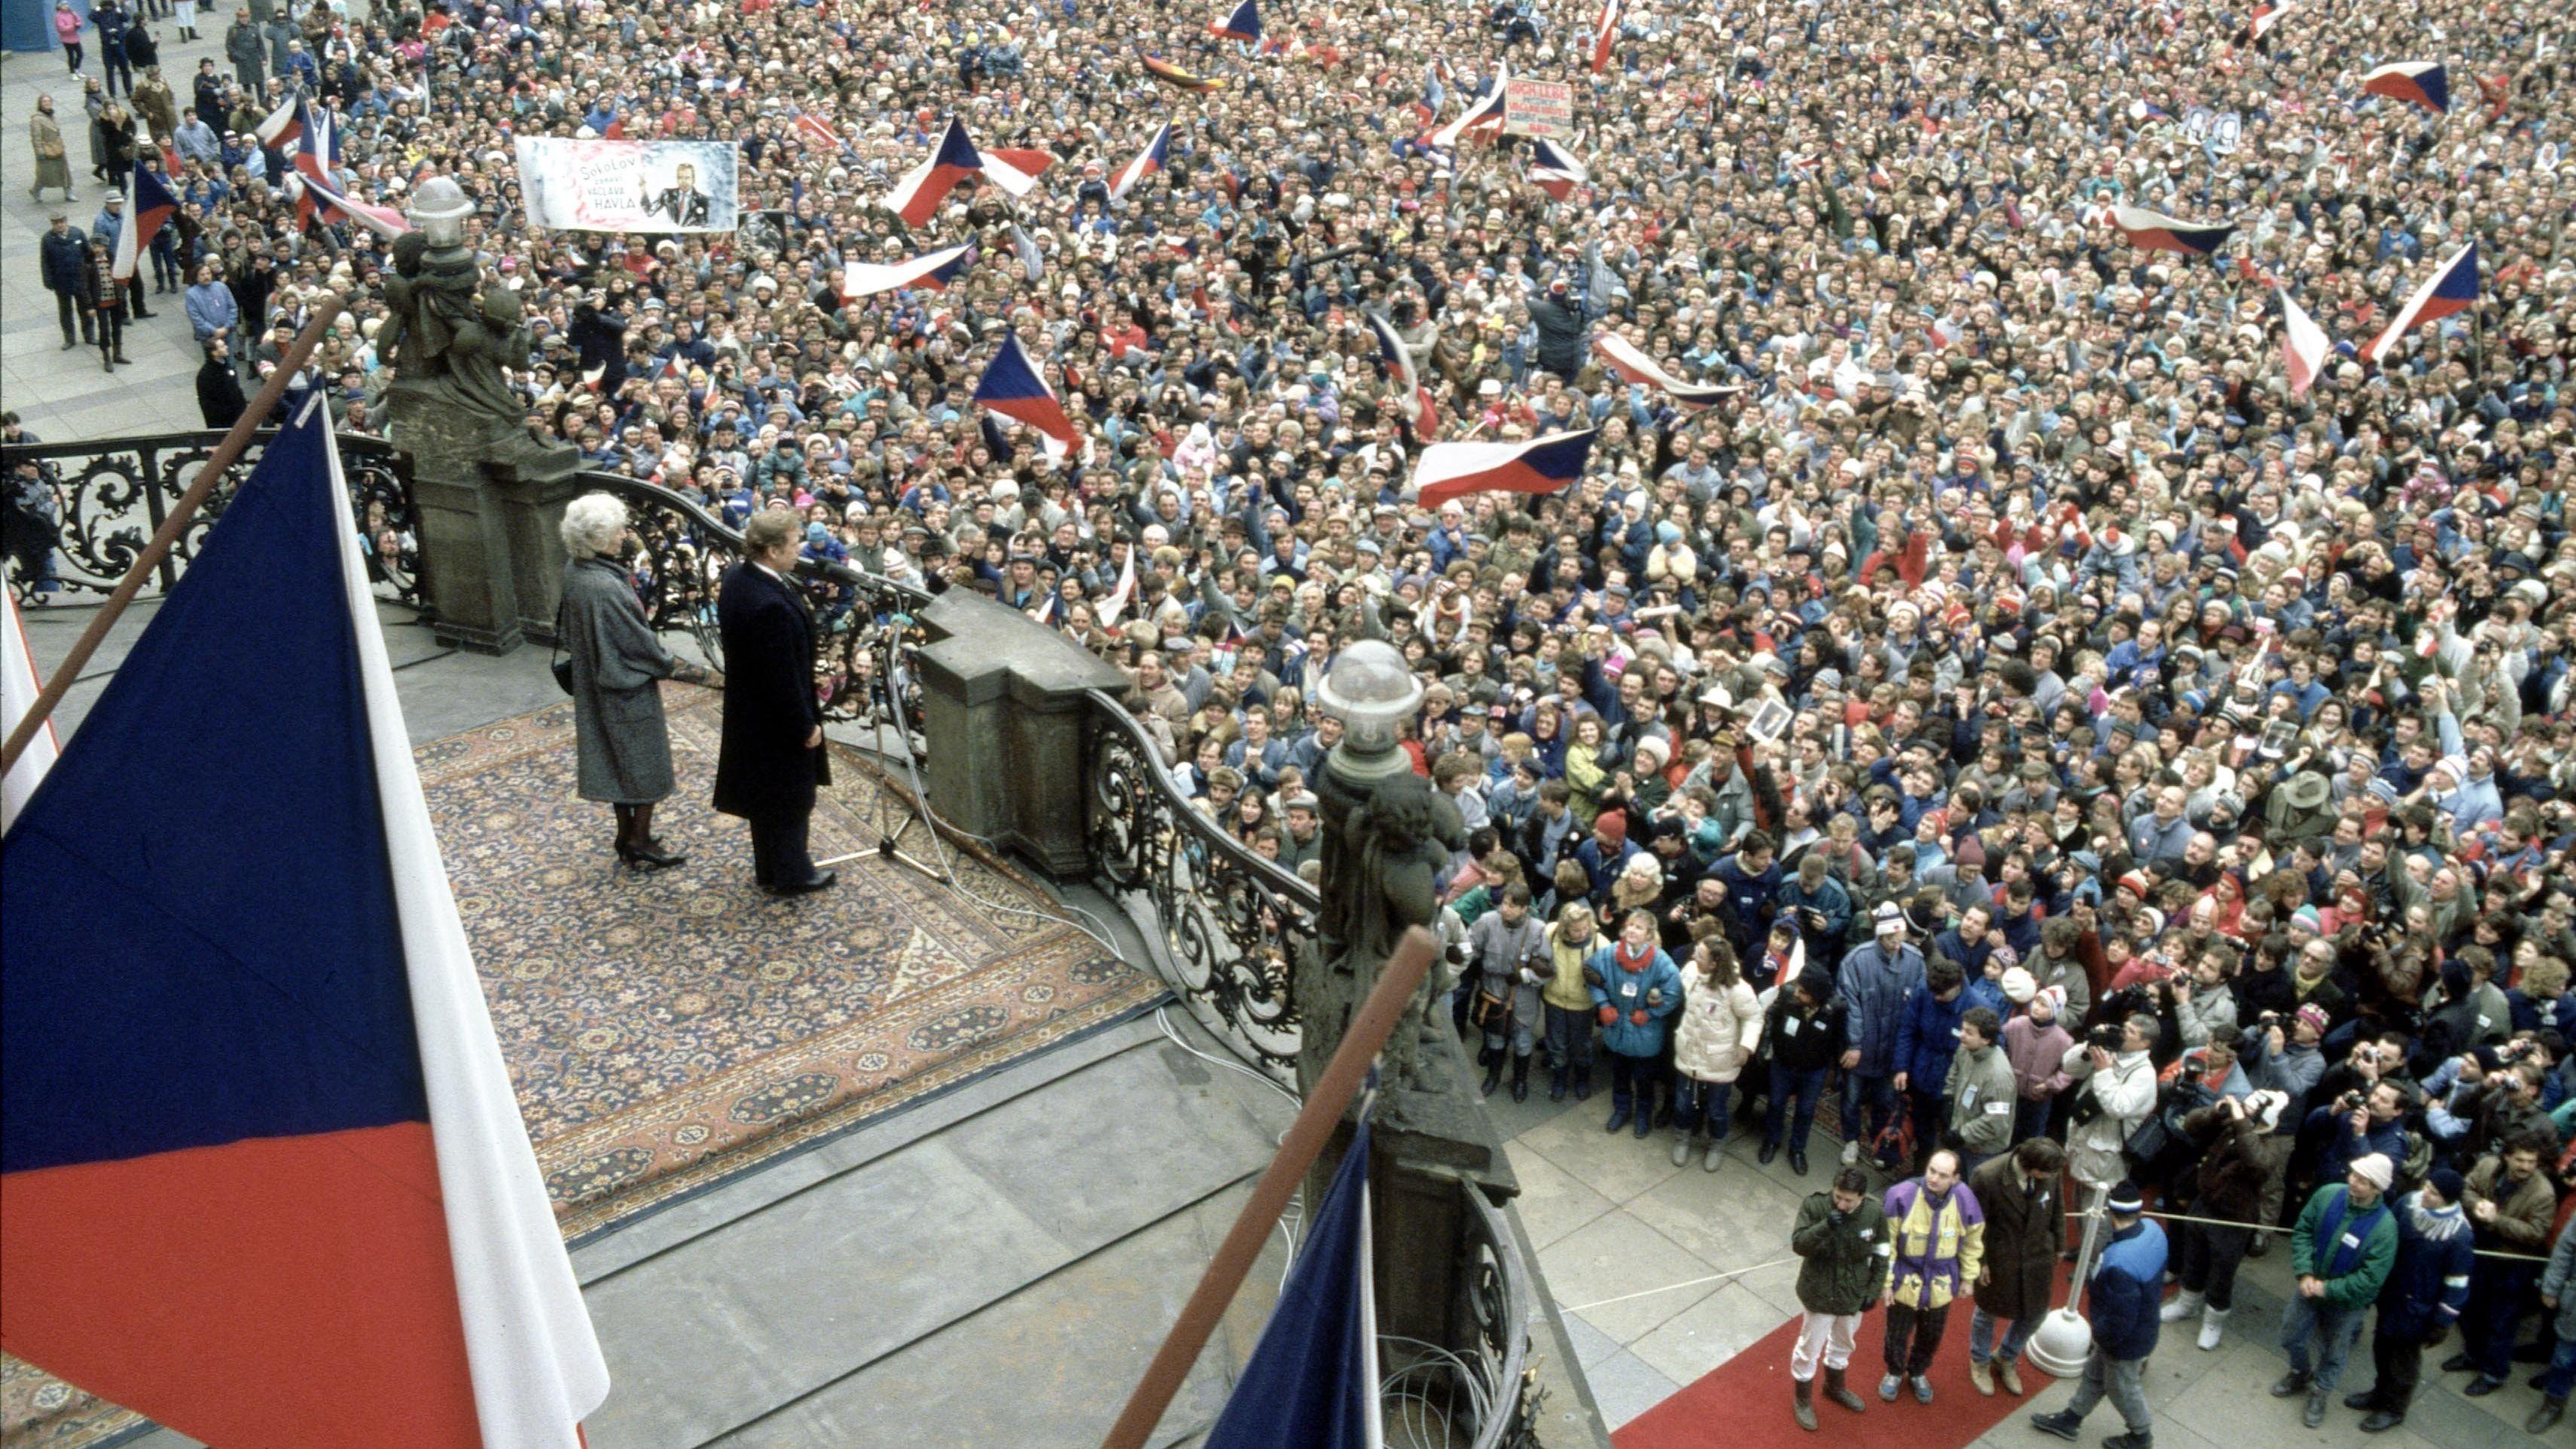 Václav Havel tritt am 29. Dezember 1989 auf dem Balkon der Prager Burg vor die Menge. Die Wahl des Theatermachers und Dissidenten zum Präsidenten markiert den Übergang von der Diktatur zur Demokratie in der Tschechoslowakei.